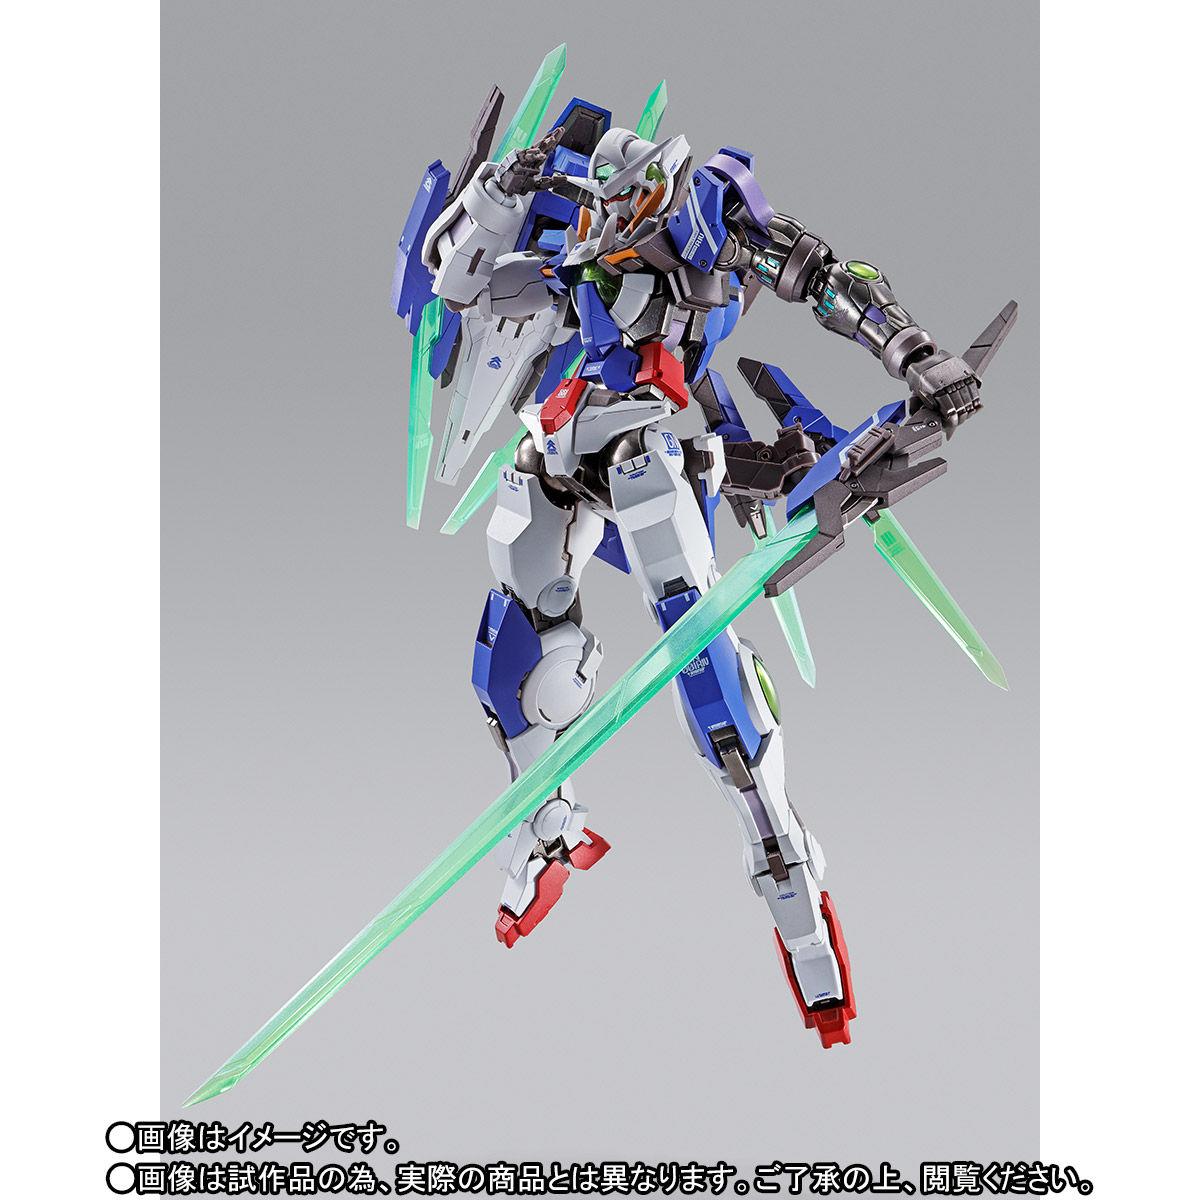 METAL BUILD『ガンダムエクシアリペアIV』機動戦士ガンダム00 可動フィギュア-005